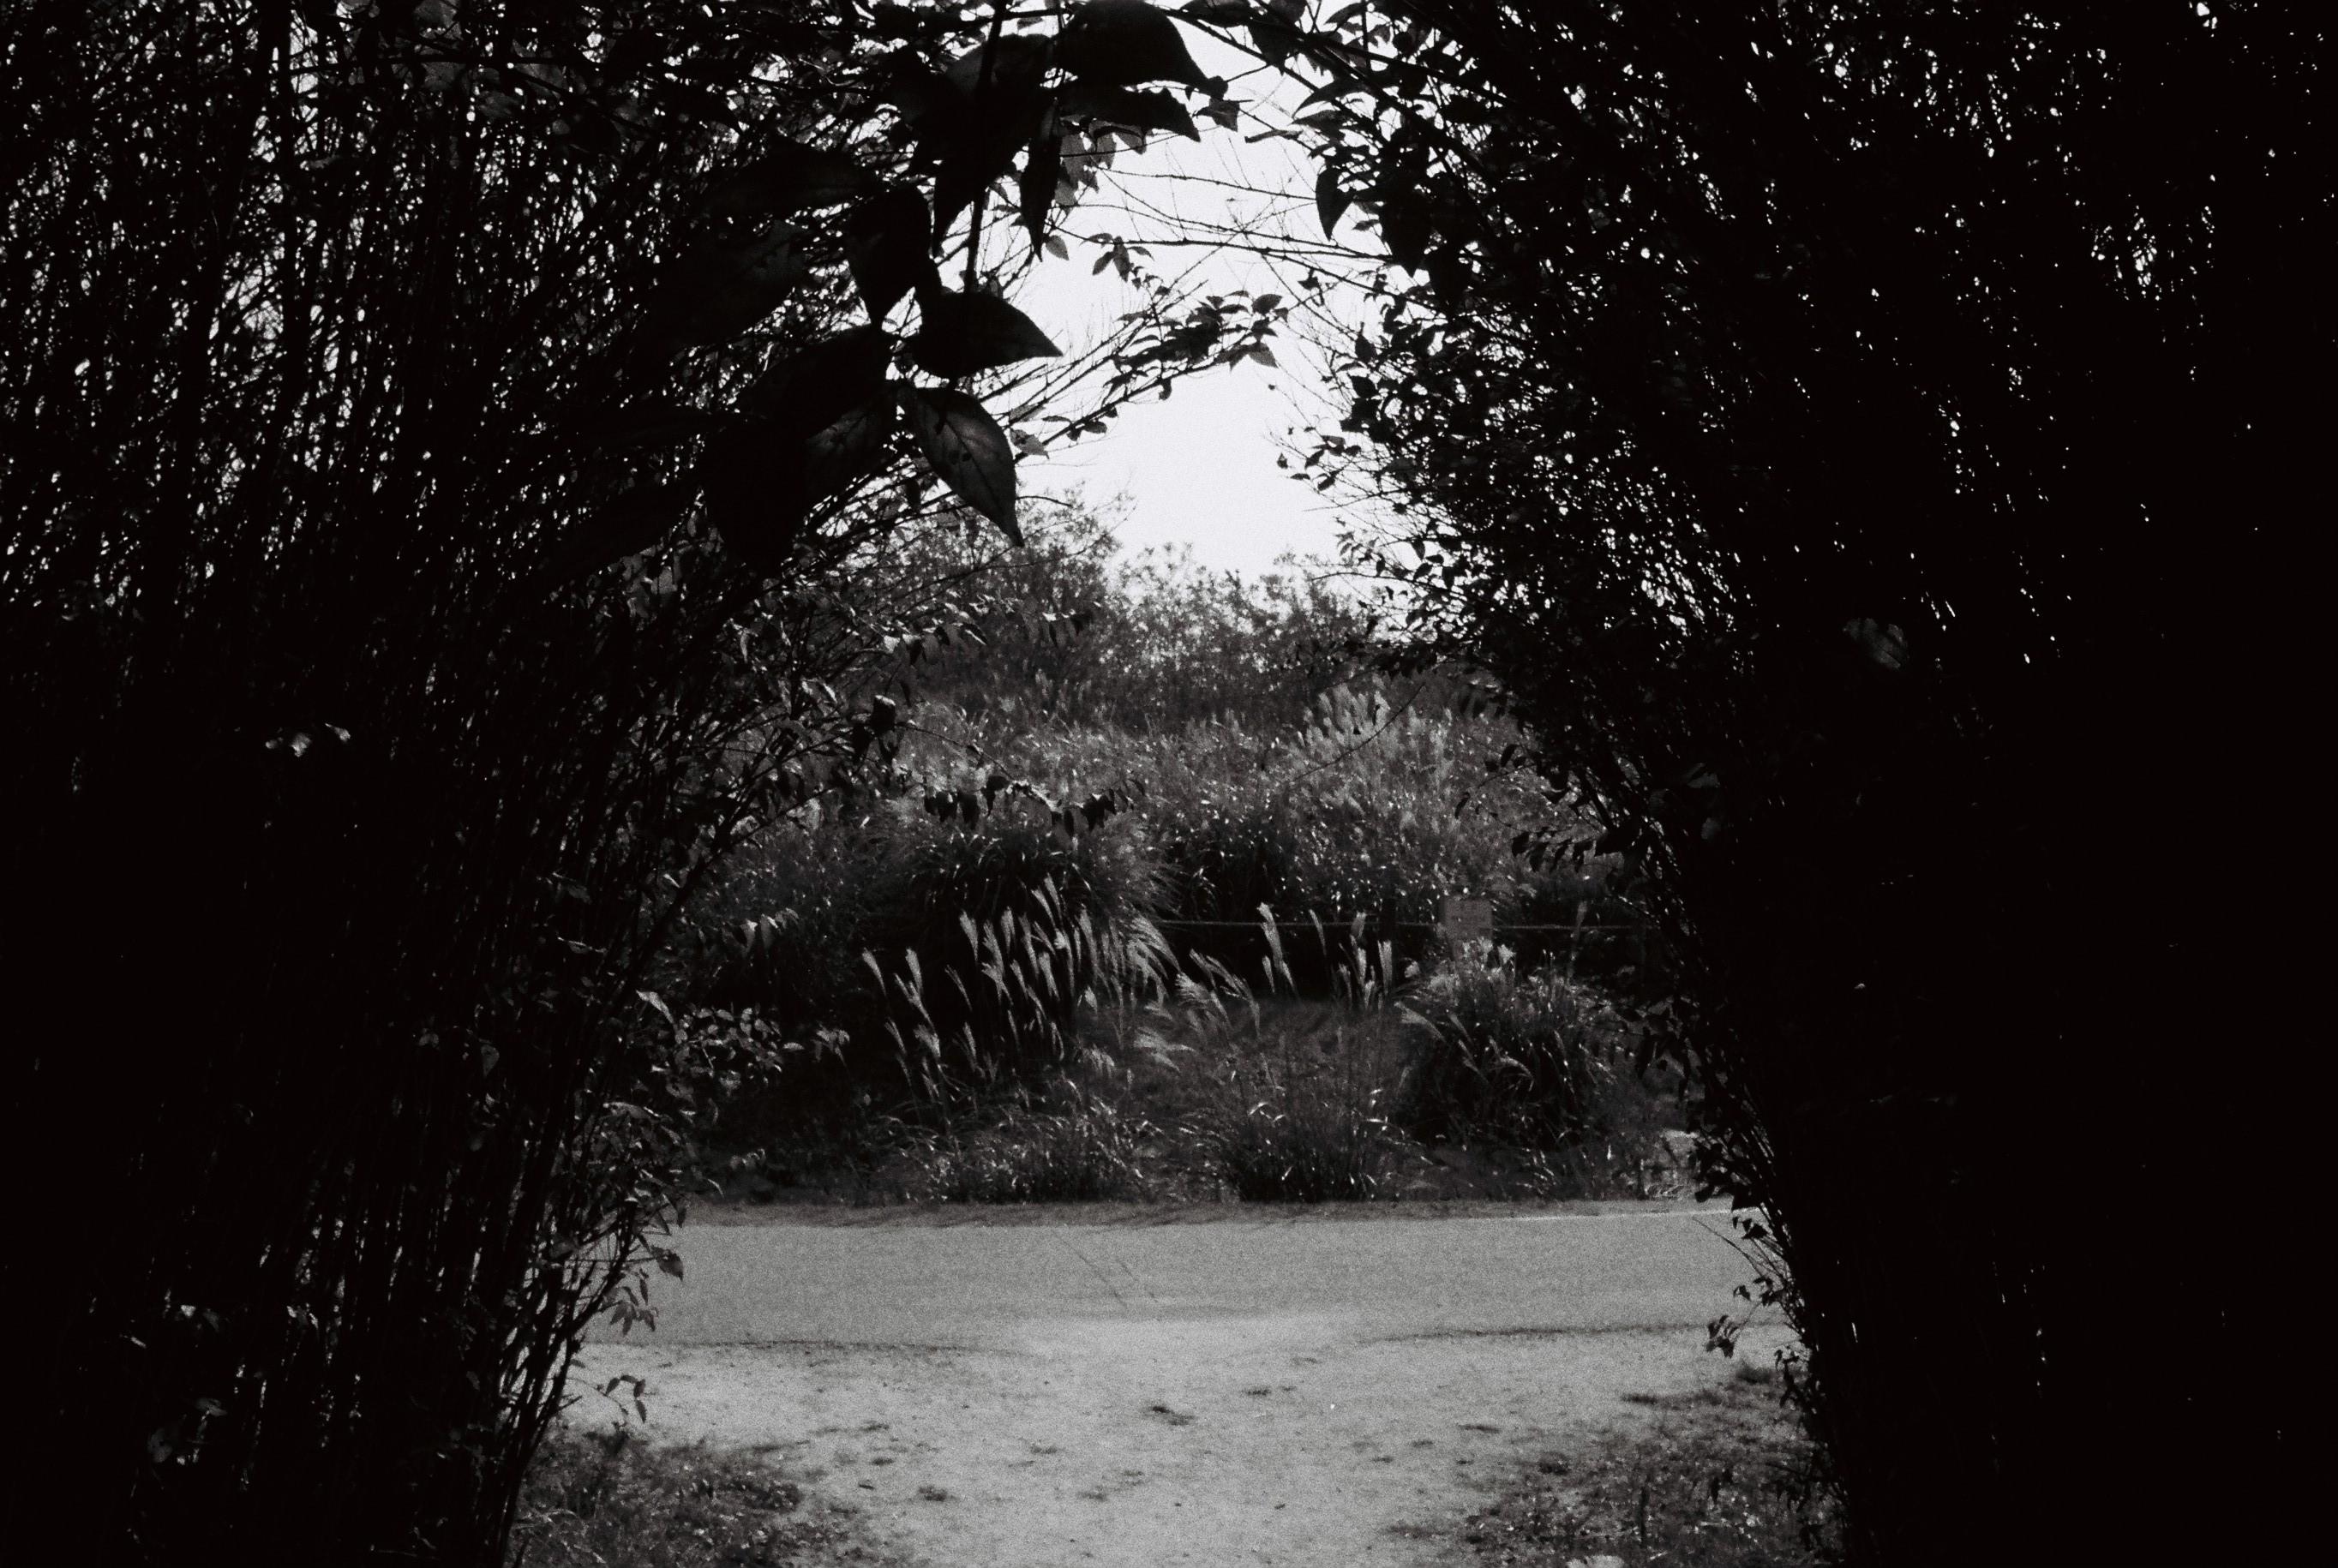 #7. 마른 풀잎 위에 촉촉한 발자국 (Nikon TW20, 4..